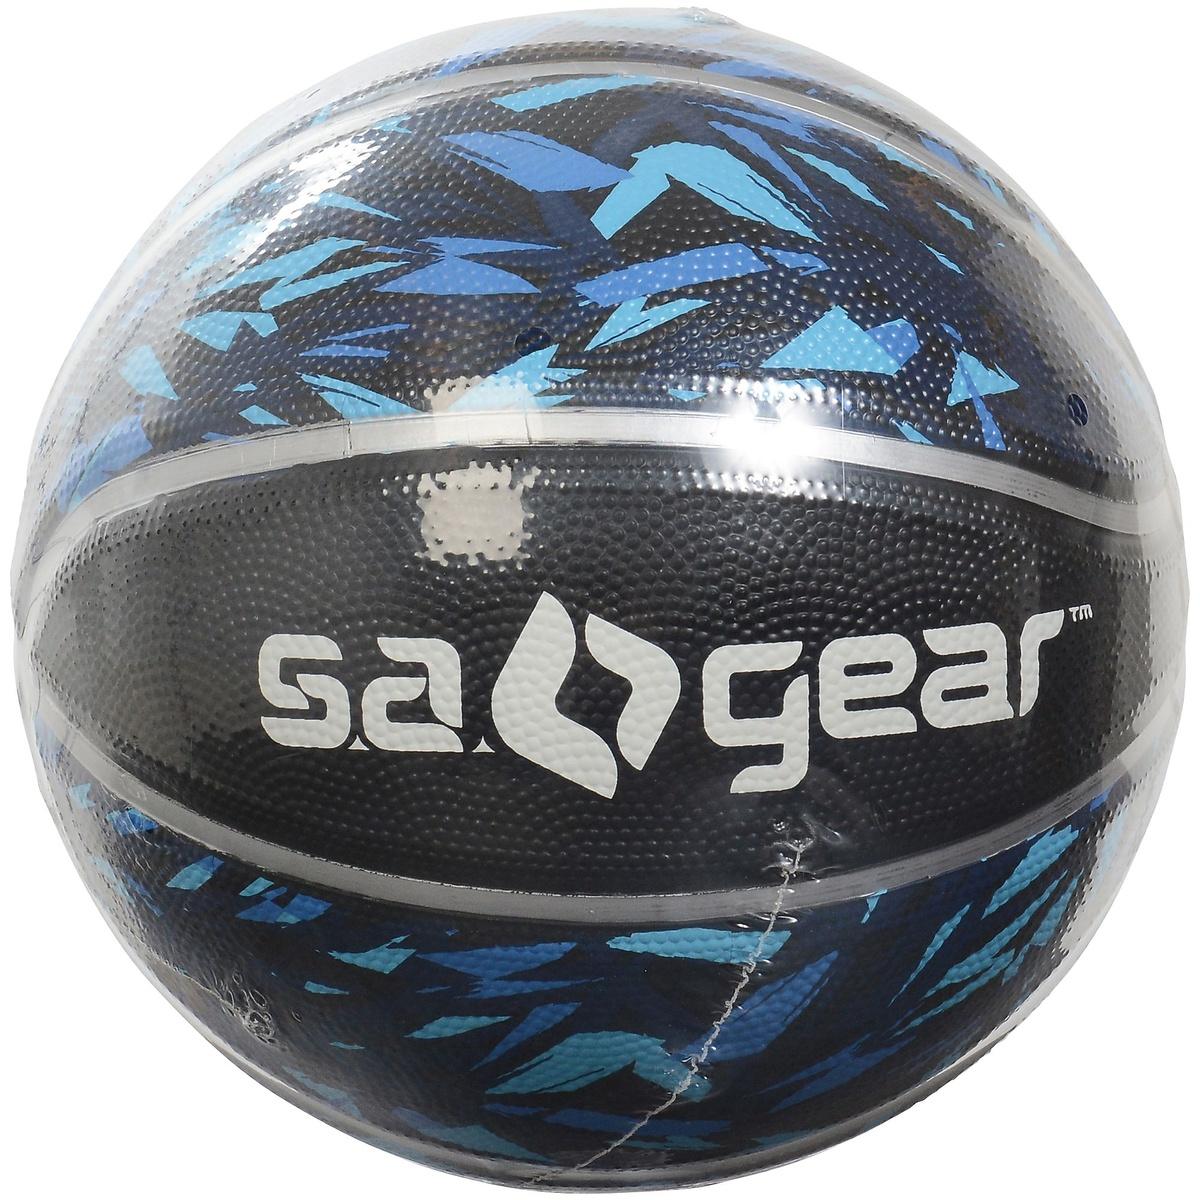 エスエーギア バスケットボール 割引も実施中 5号ボール カラーバスケットボールBLU 定番キャンバス ブルー s.a.gear SA-Y19-003-048 5ゴウ